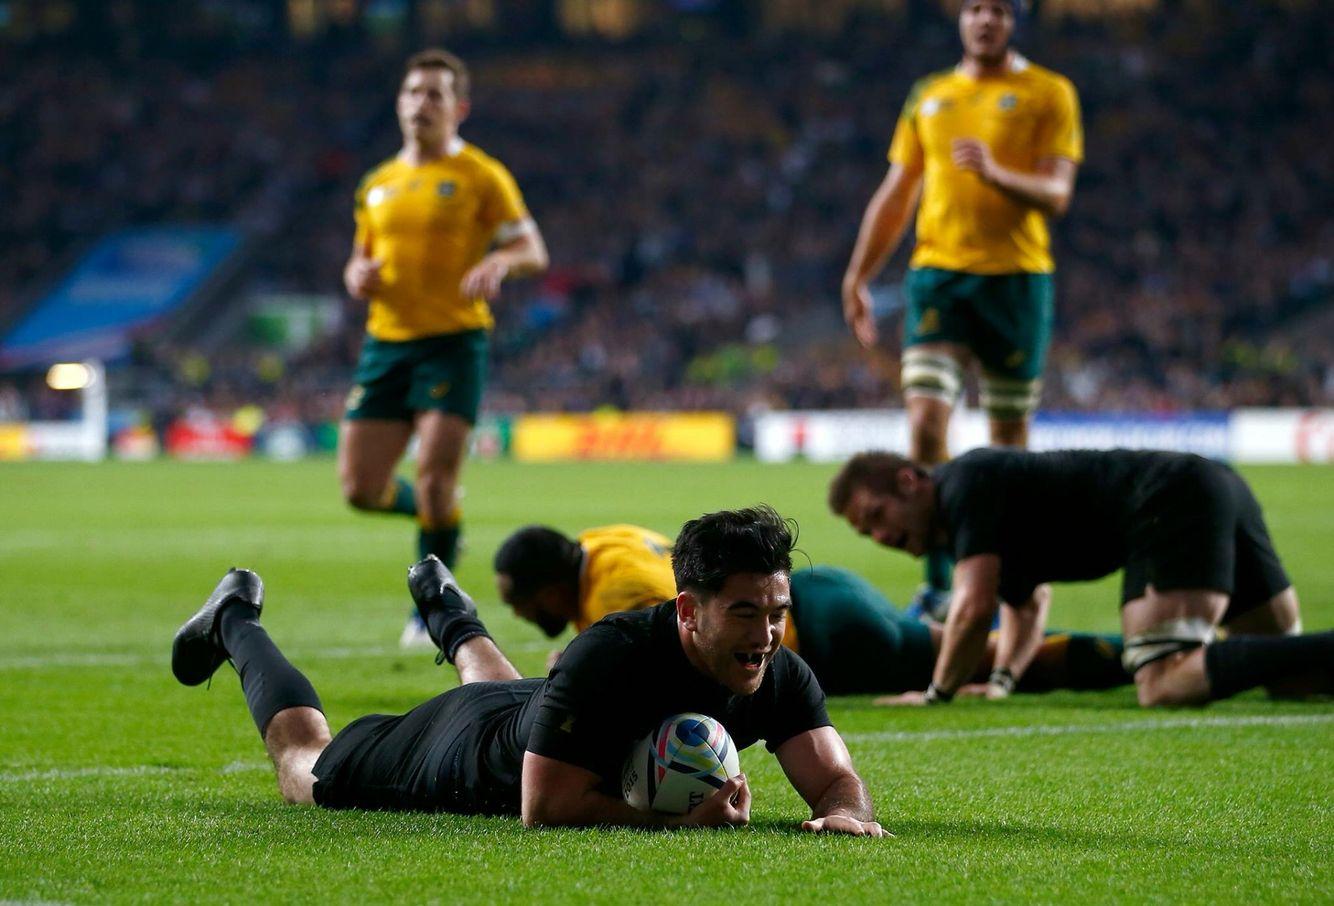 Milner Skudder S Try All Blacks Rugby Team World Rugby